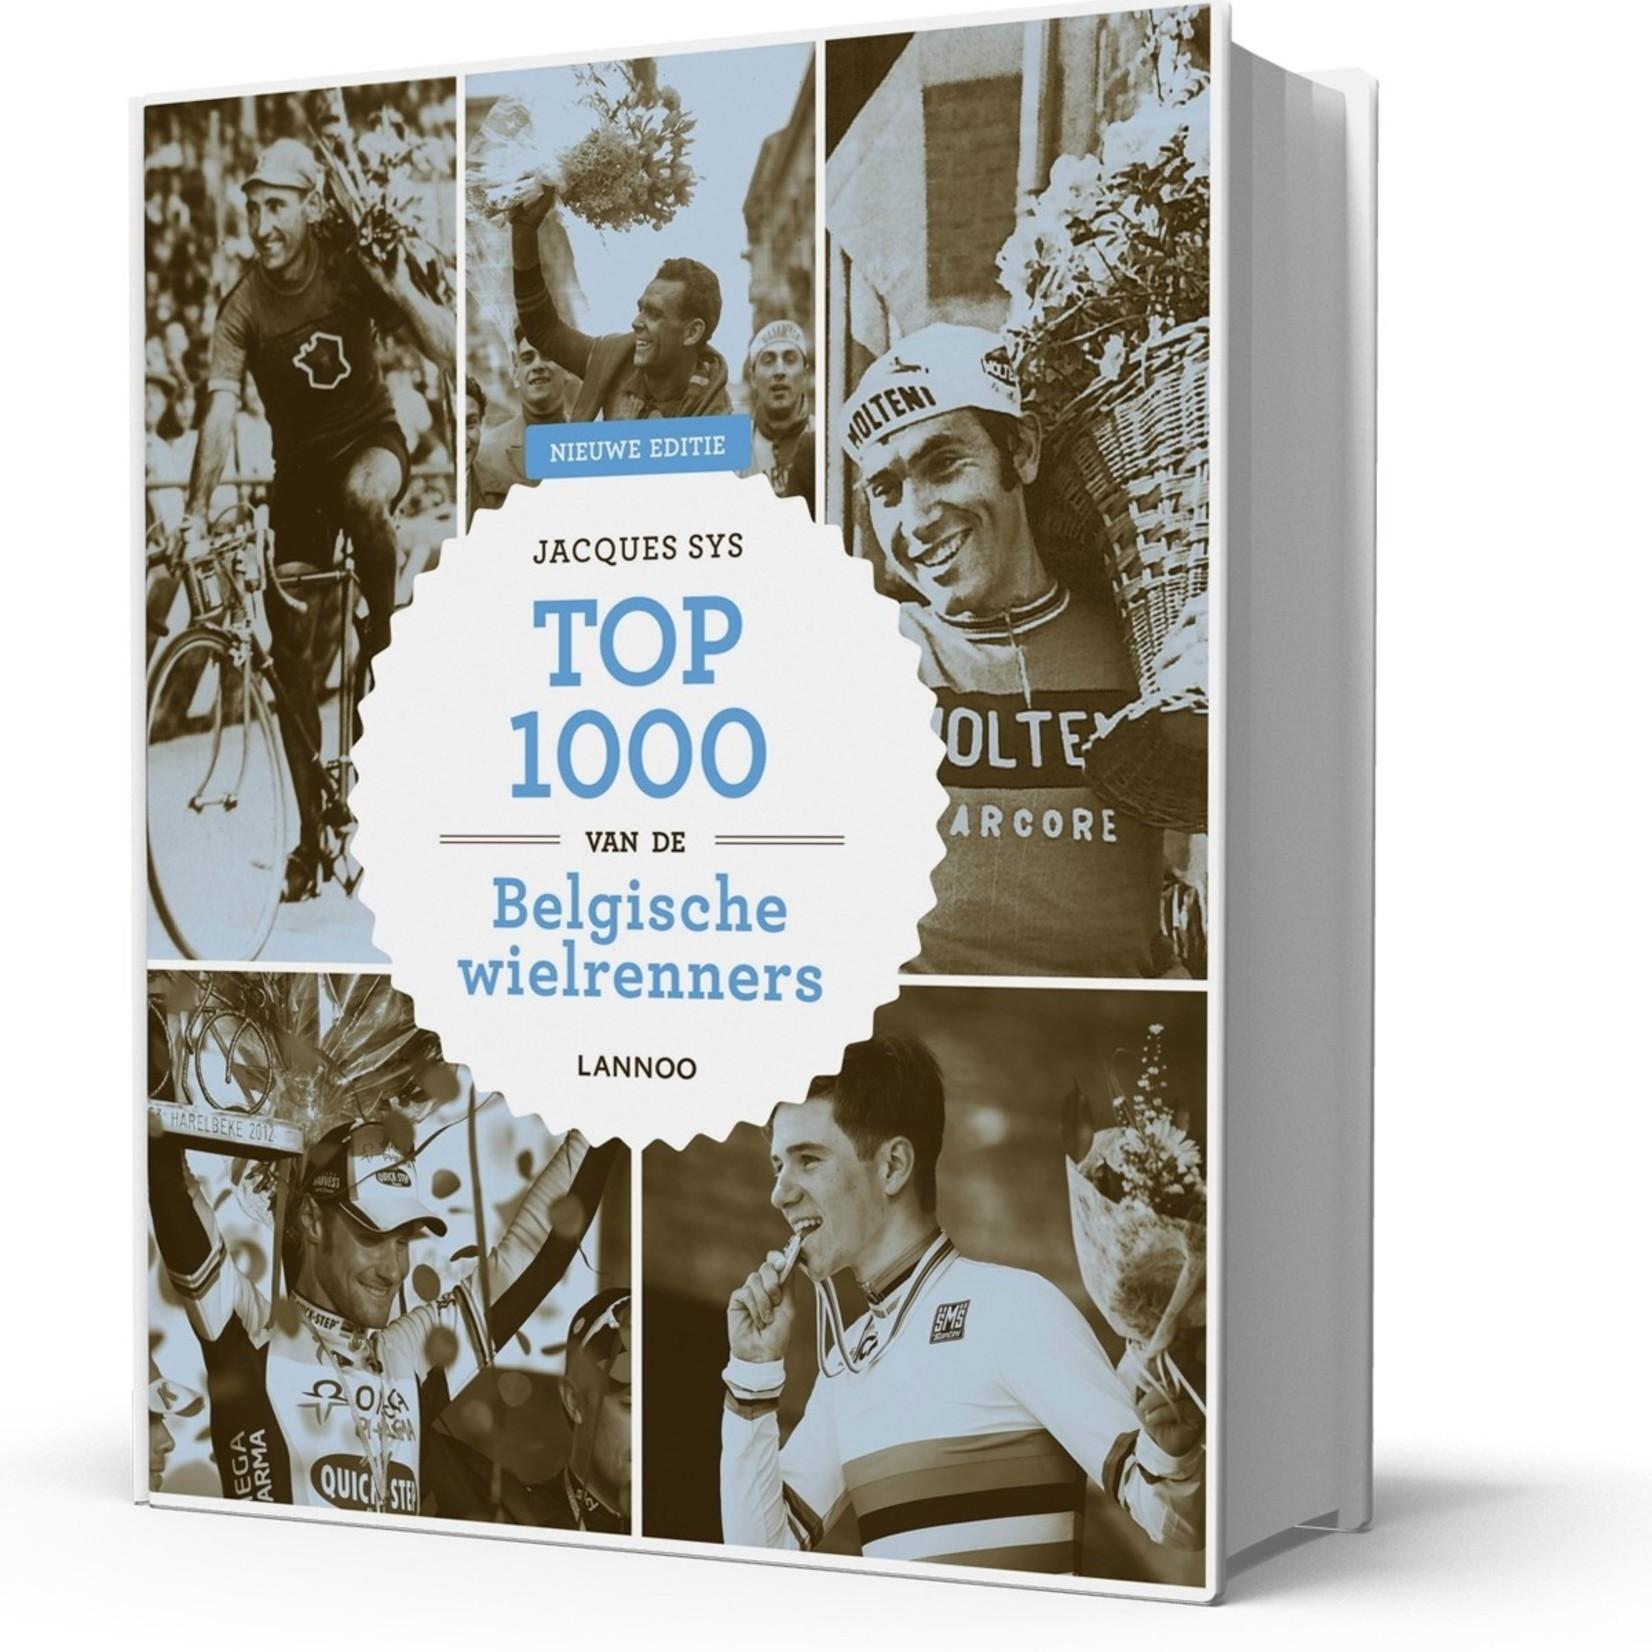 Top 1000 van de Belgische wielrenners (NED)